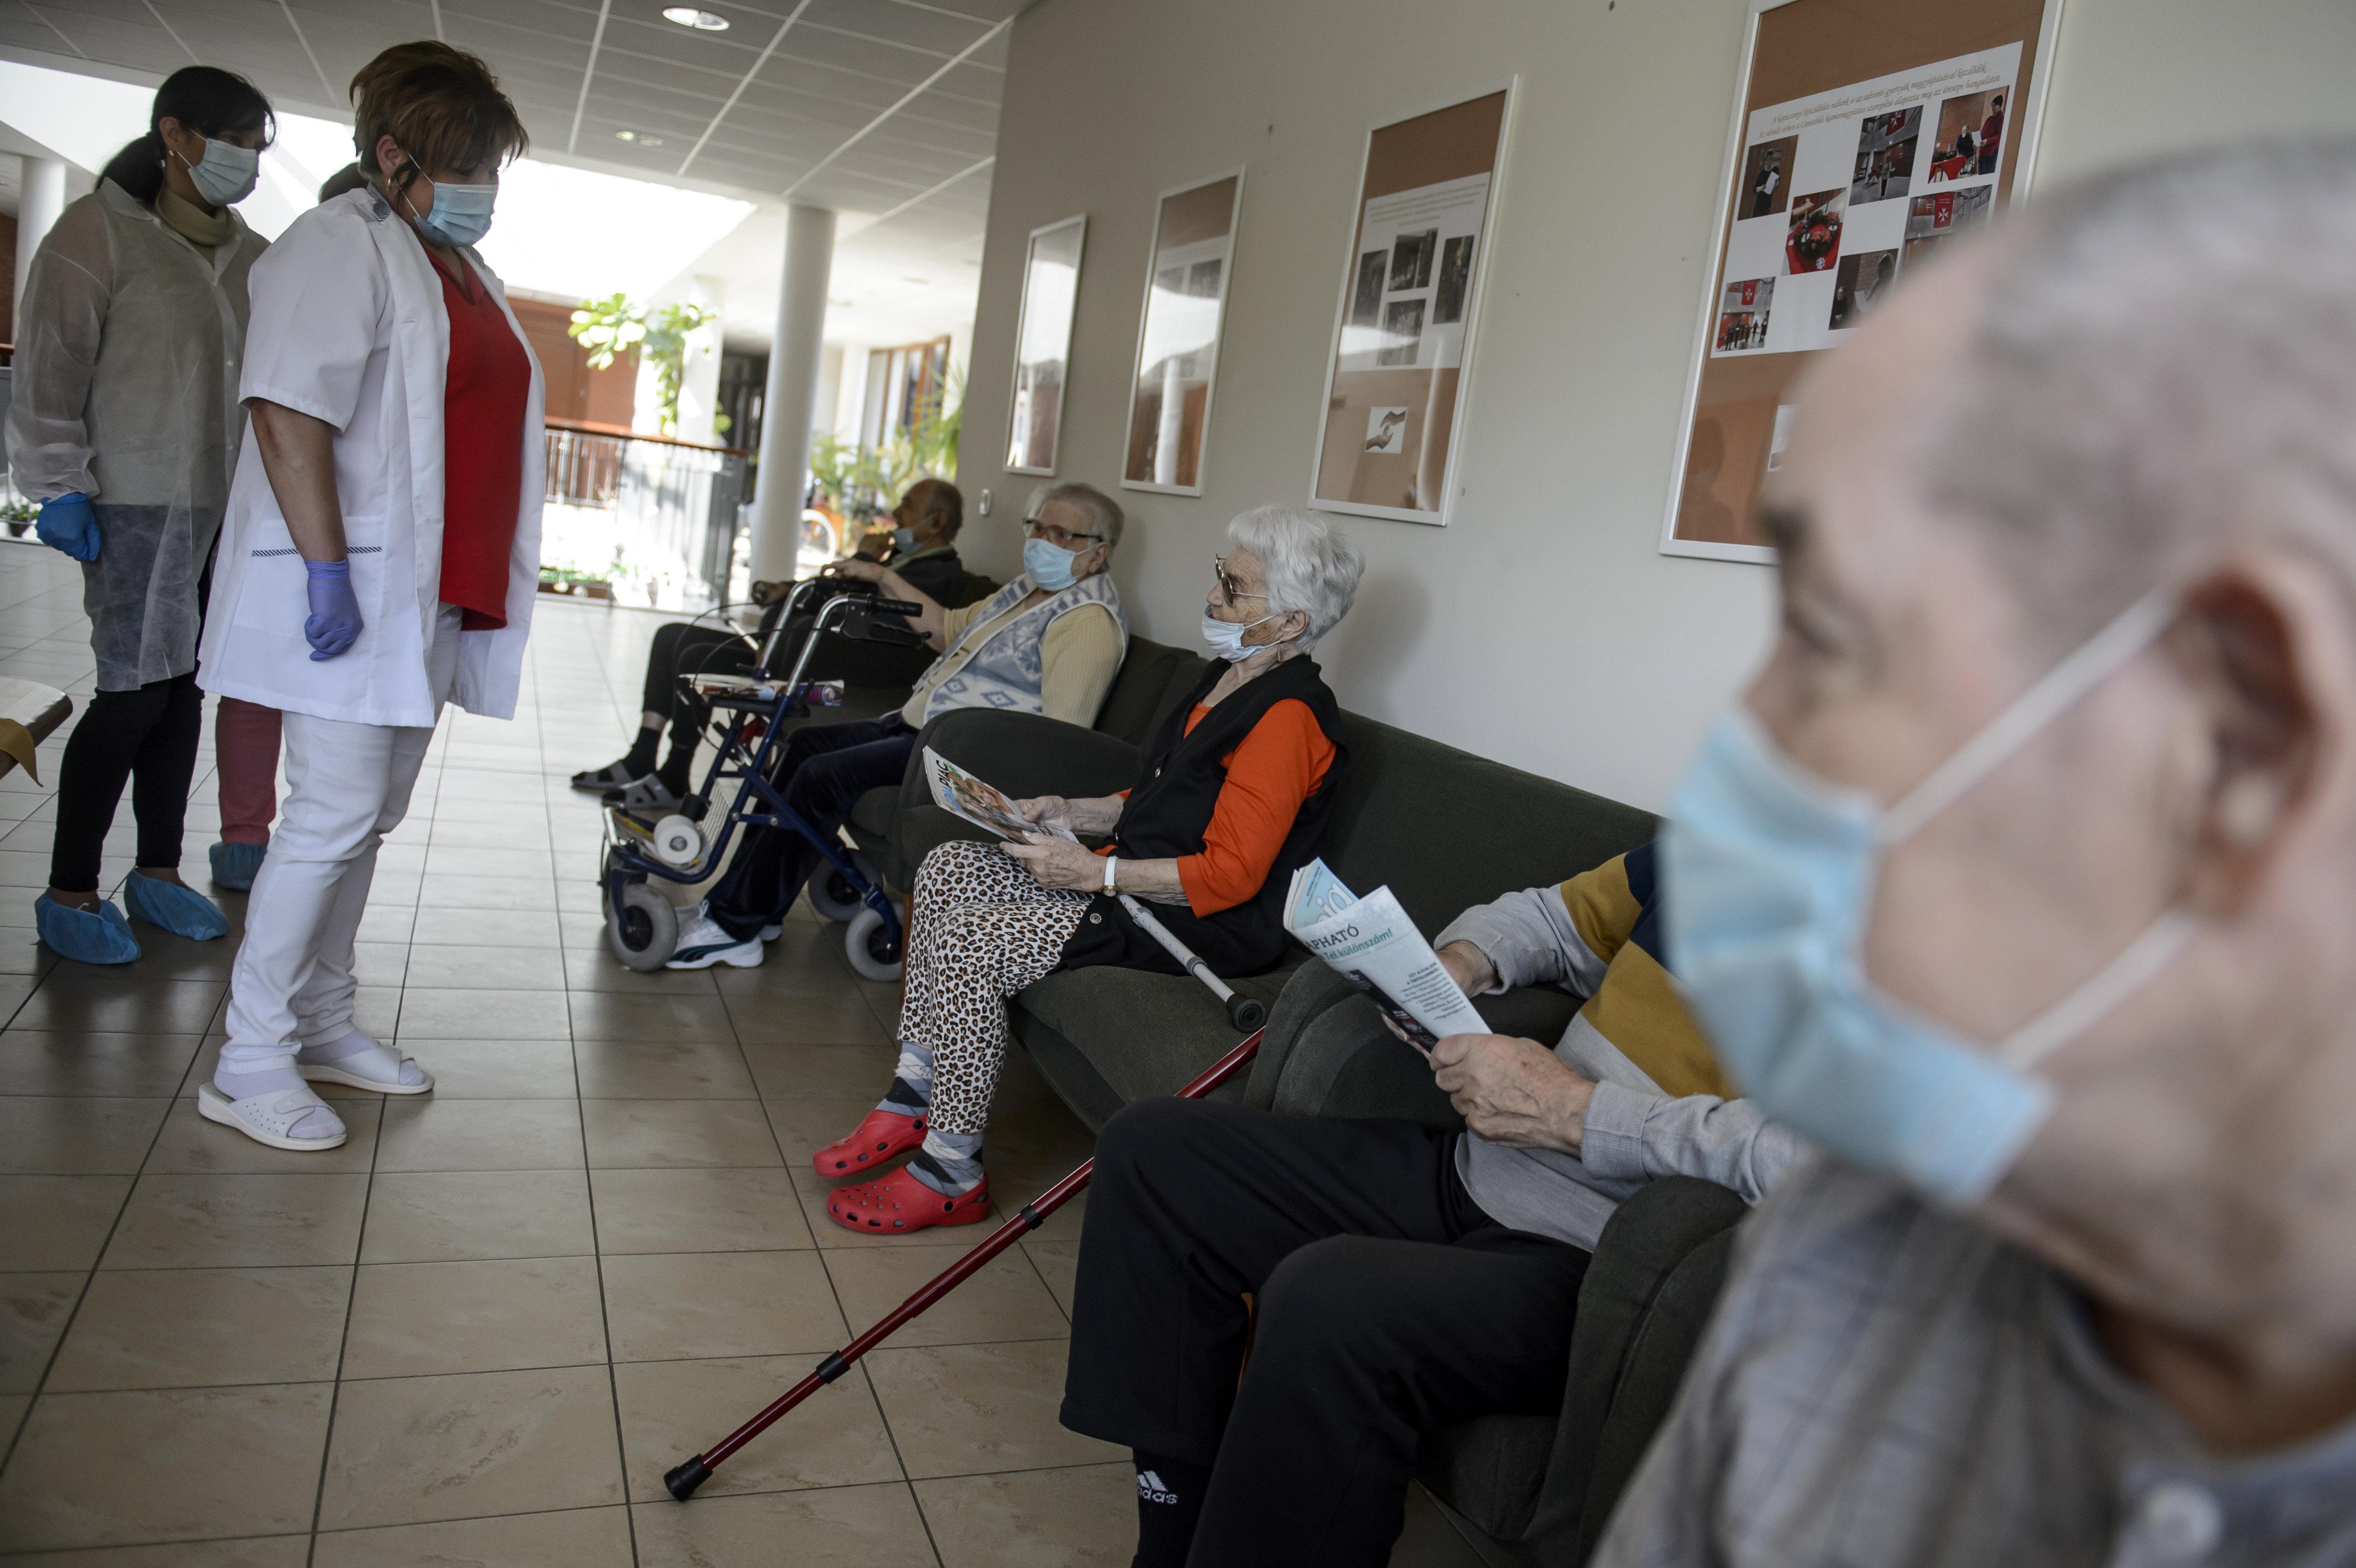 Hétfőtől látogatási és intézményelhagyási tilalmat vezetnek be a szociális intézményekben